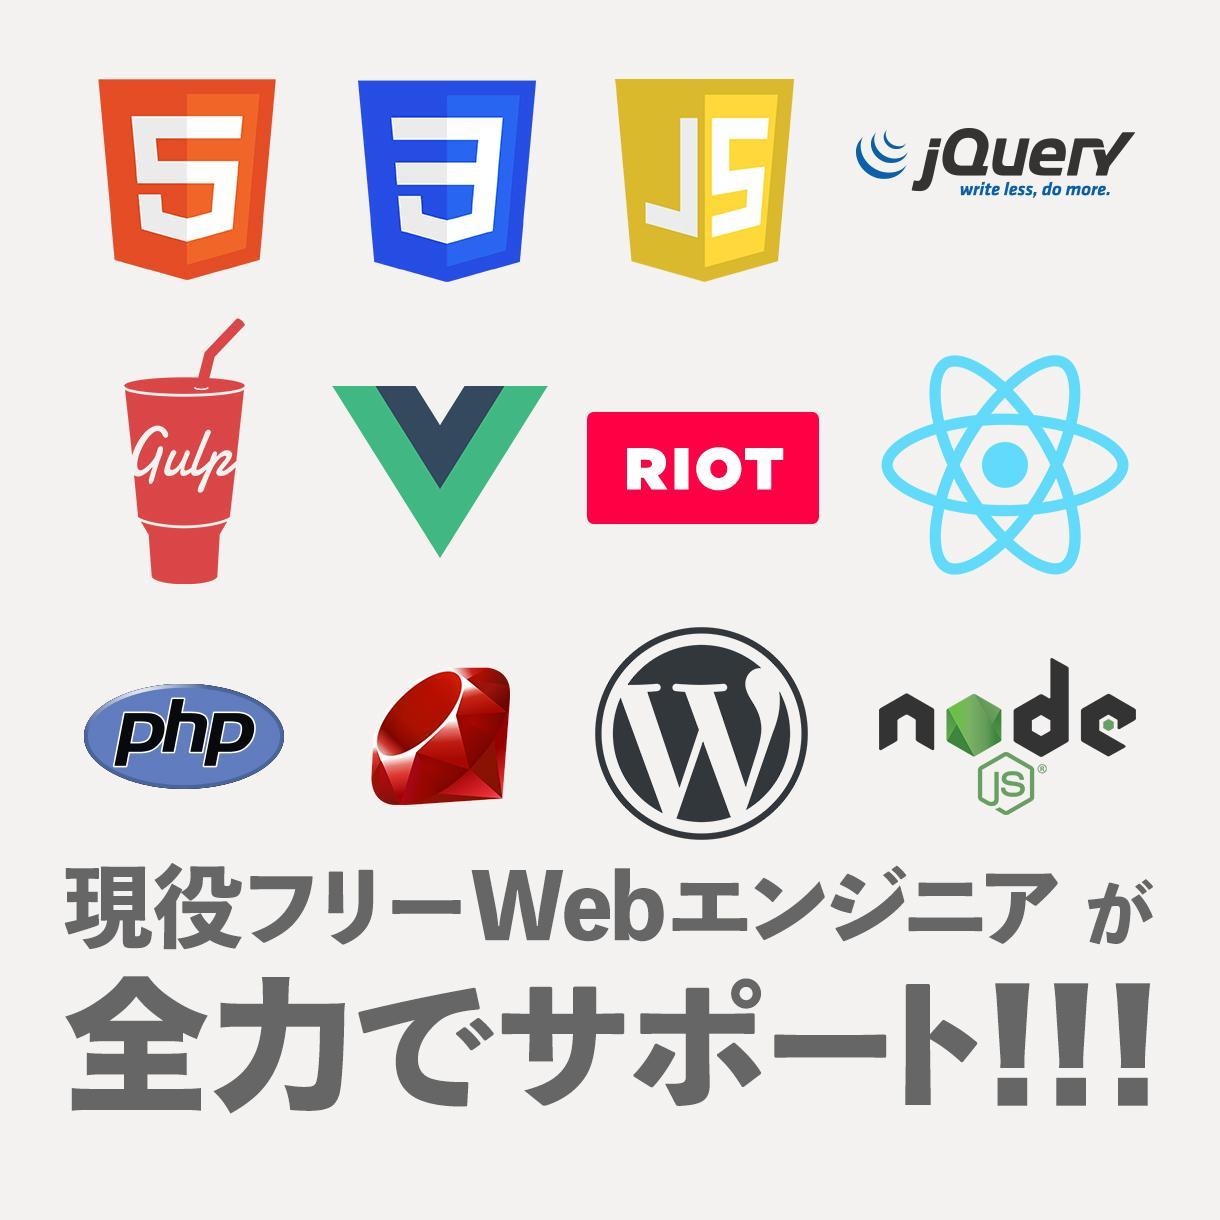 Web制作・開発やります、手伝います、相談のります 現役のフリーWebエンジニアが全力でお助けいたします!